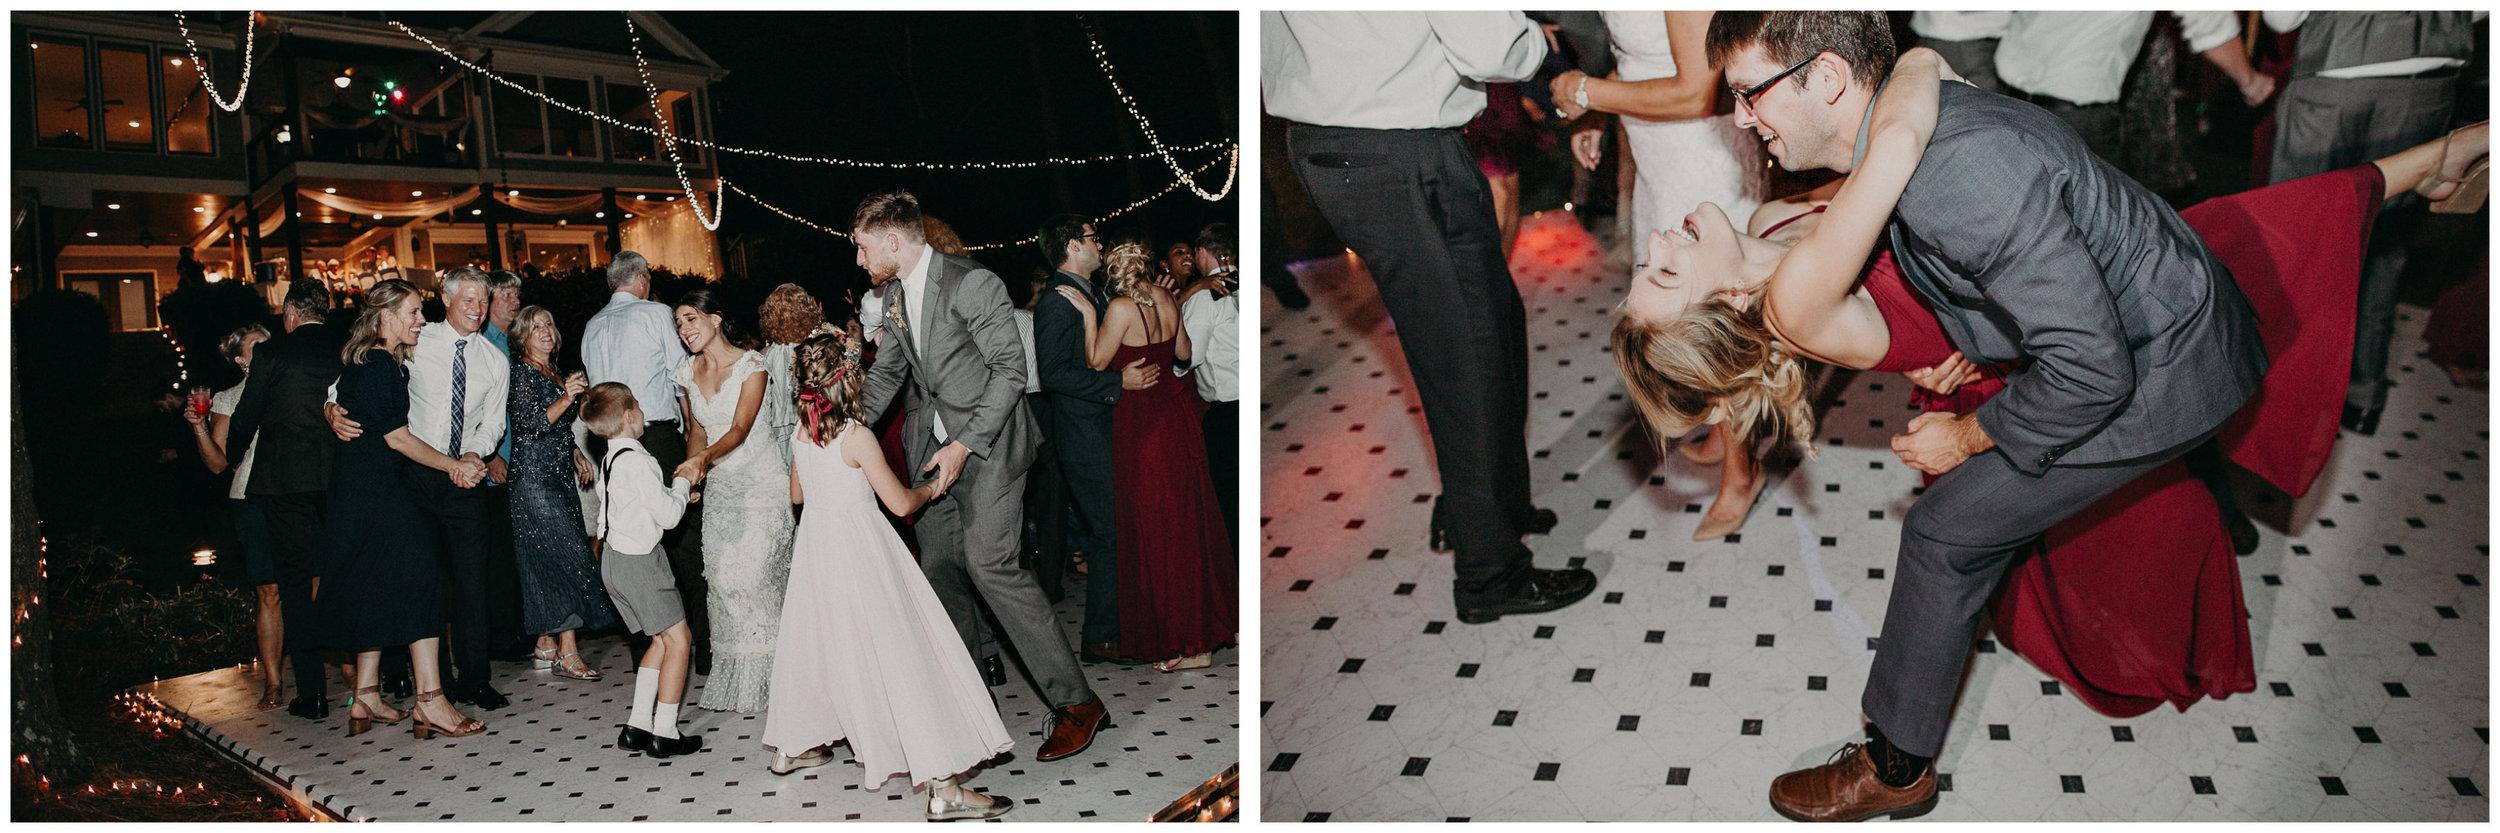 123.1 Wedding details .jpg